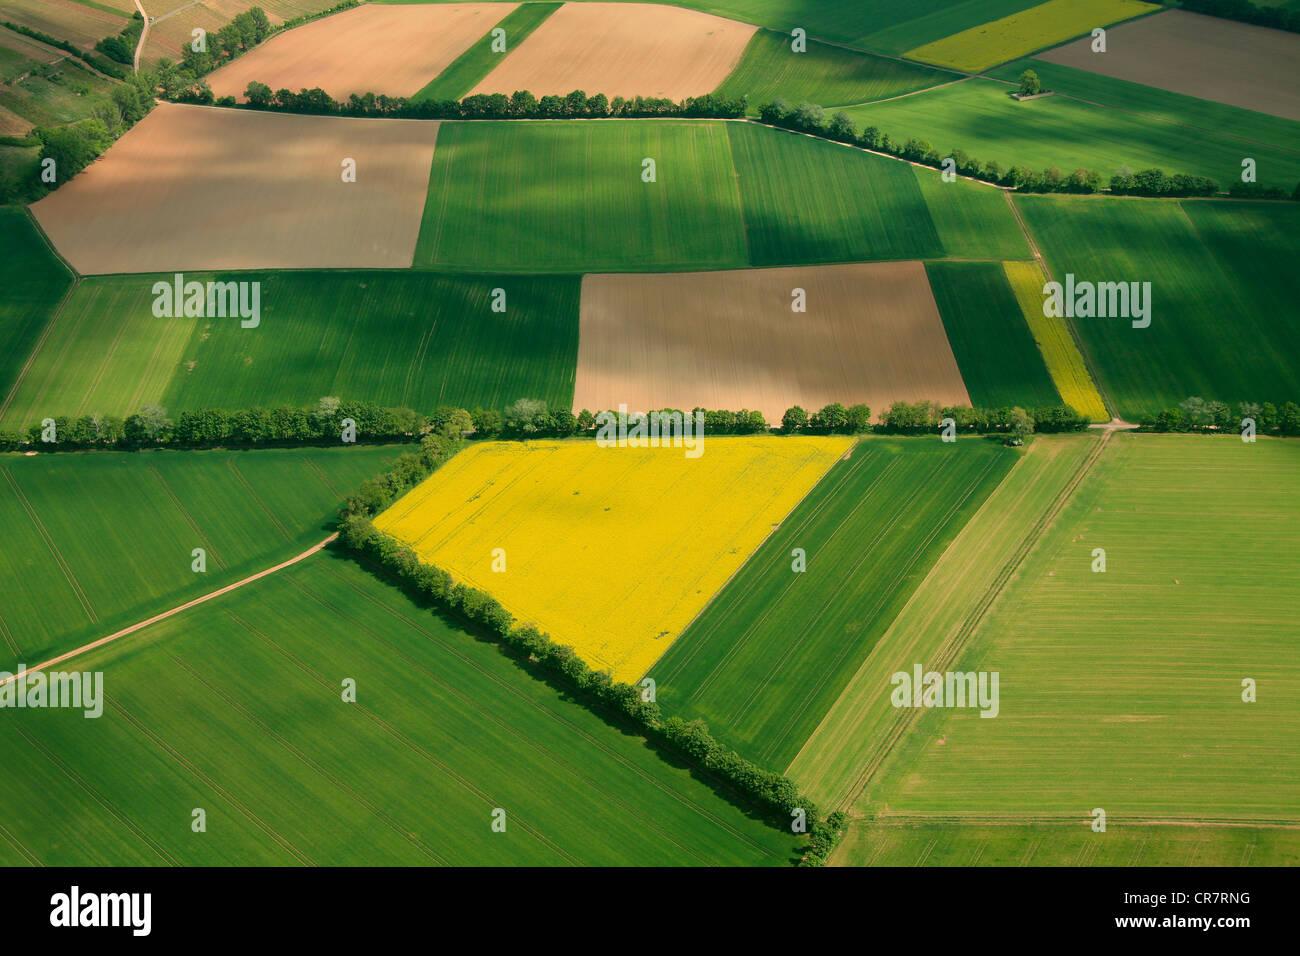 Luftbild, Getreide und Raps Felder getrennt durch Hecken, ebenso-Buedesheim, Rheinland-Pfalz, Deutschland, Europa Stockbild